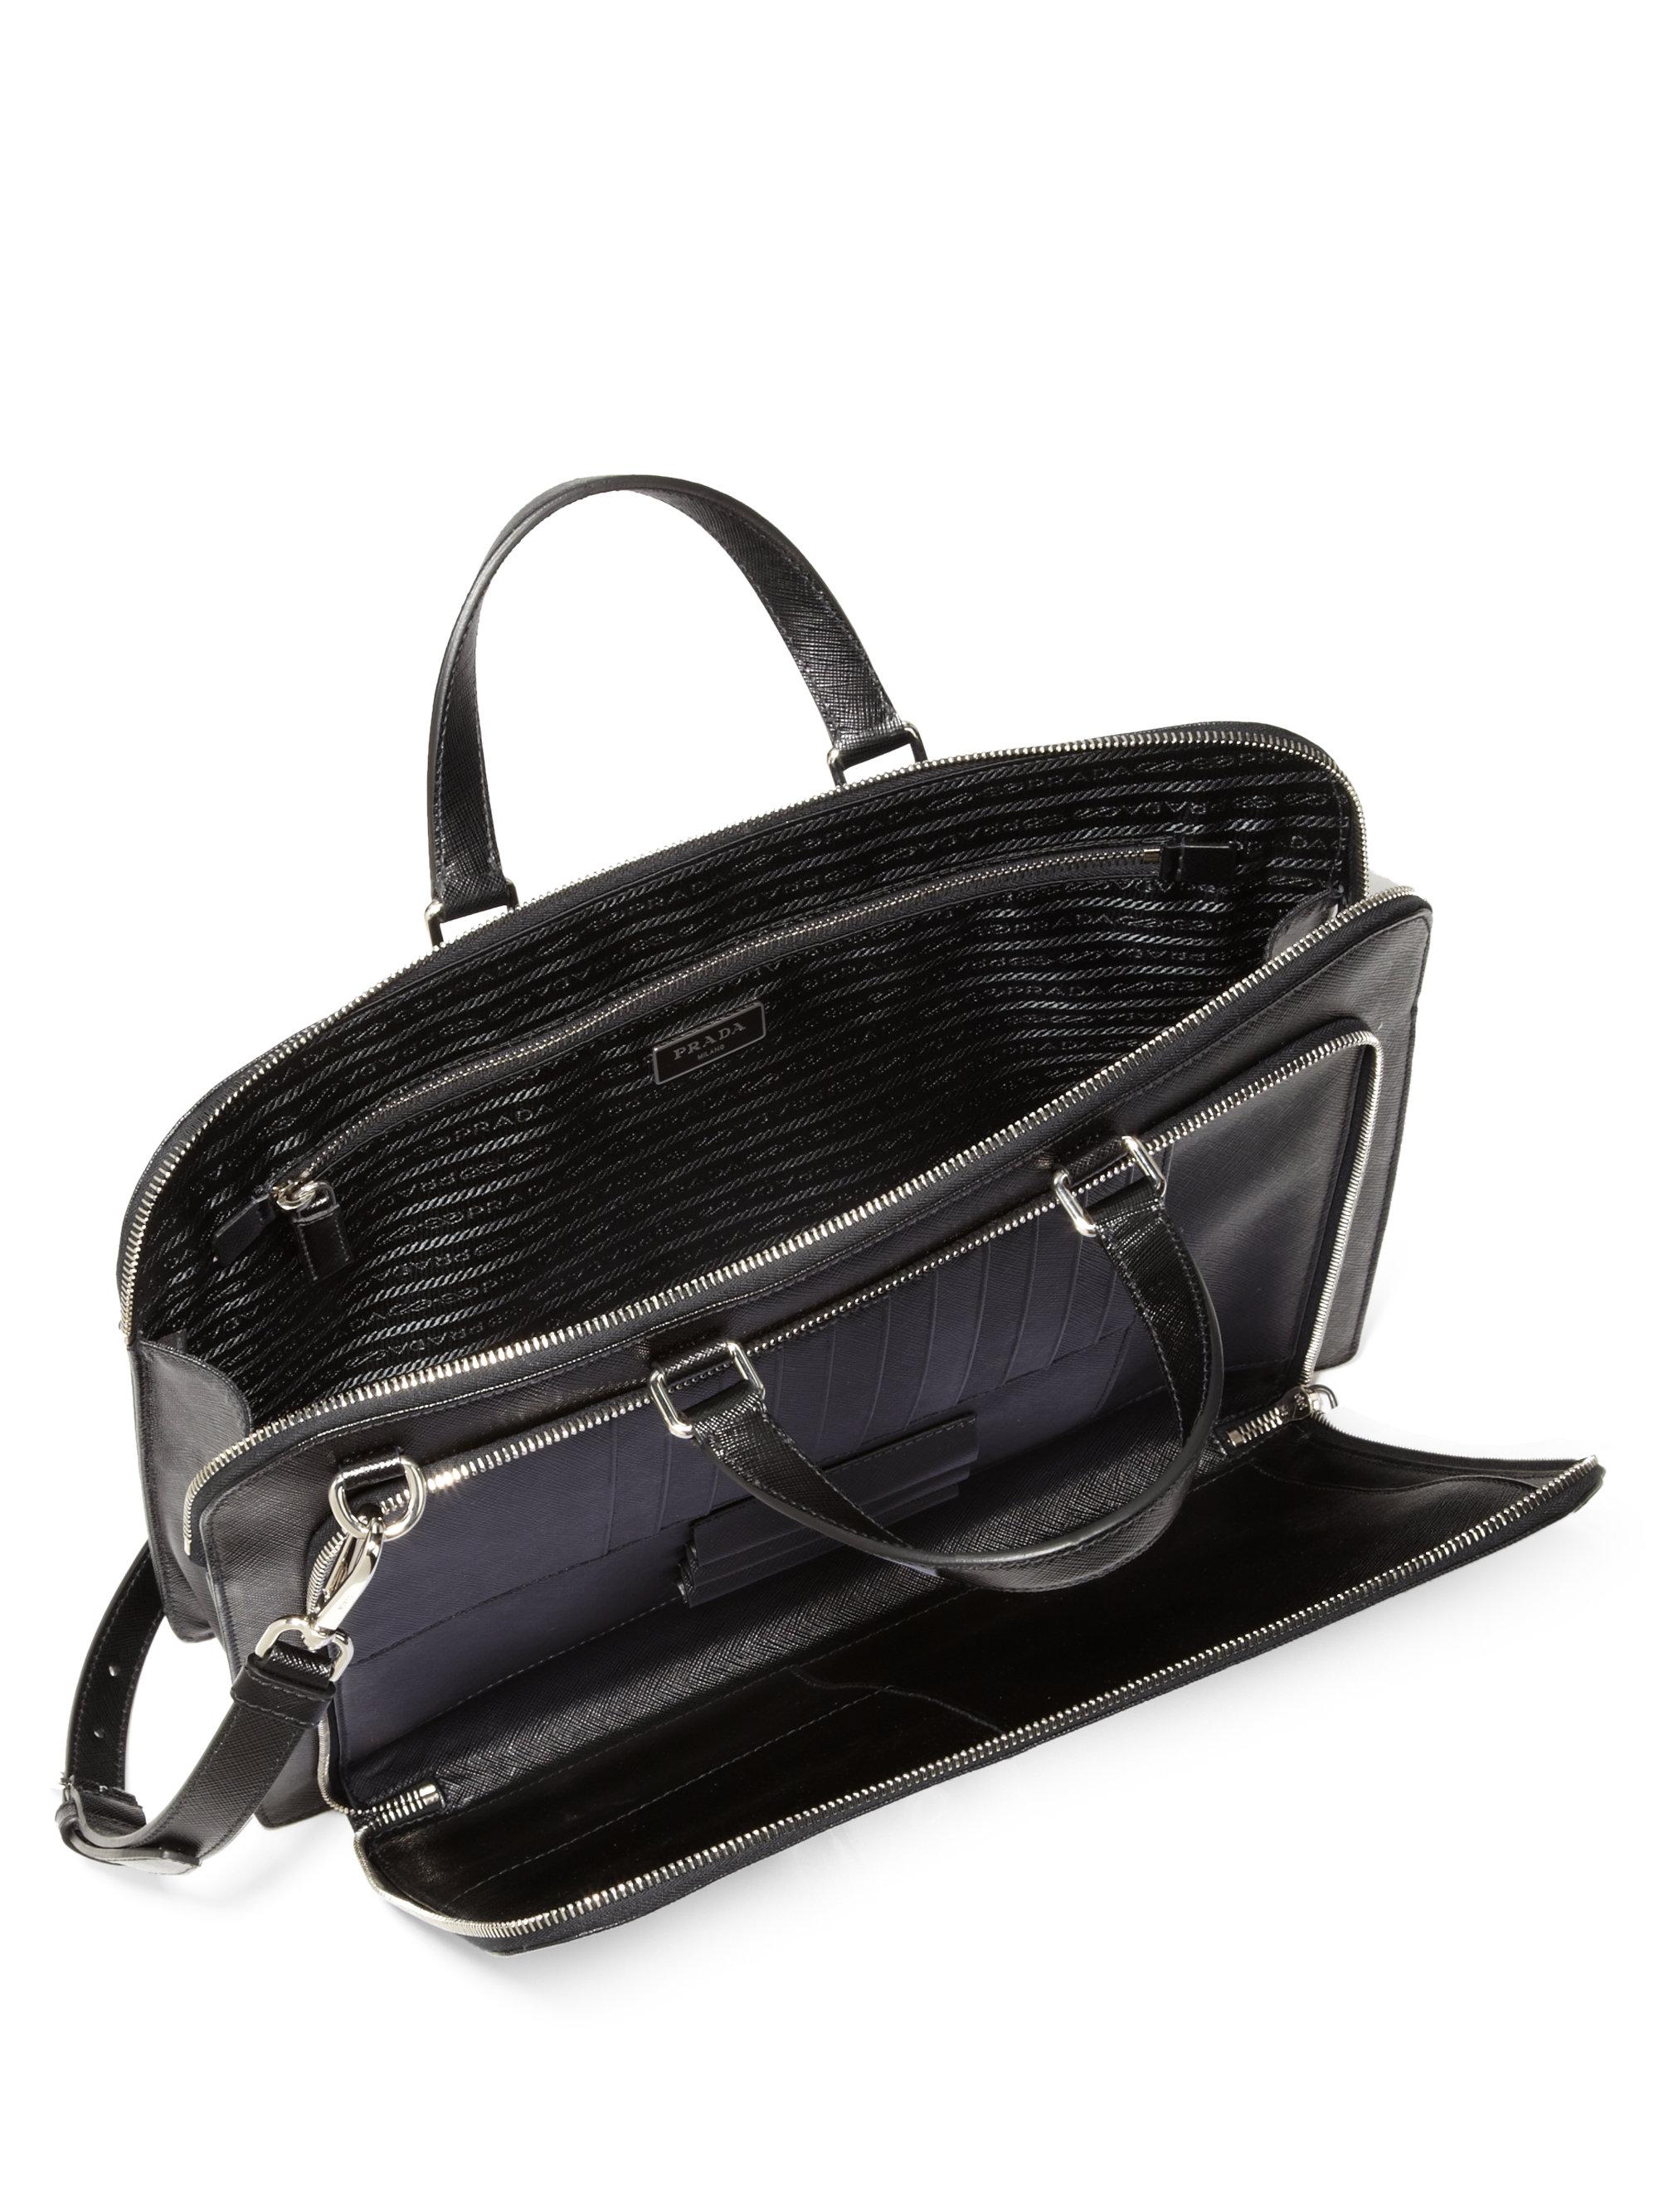 Prada Saffiano Travel Briefcase Prada Small Nylon Bag